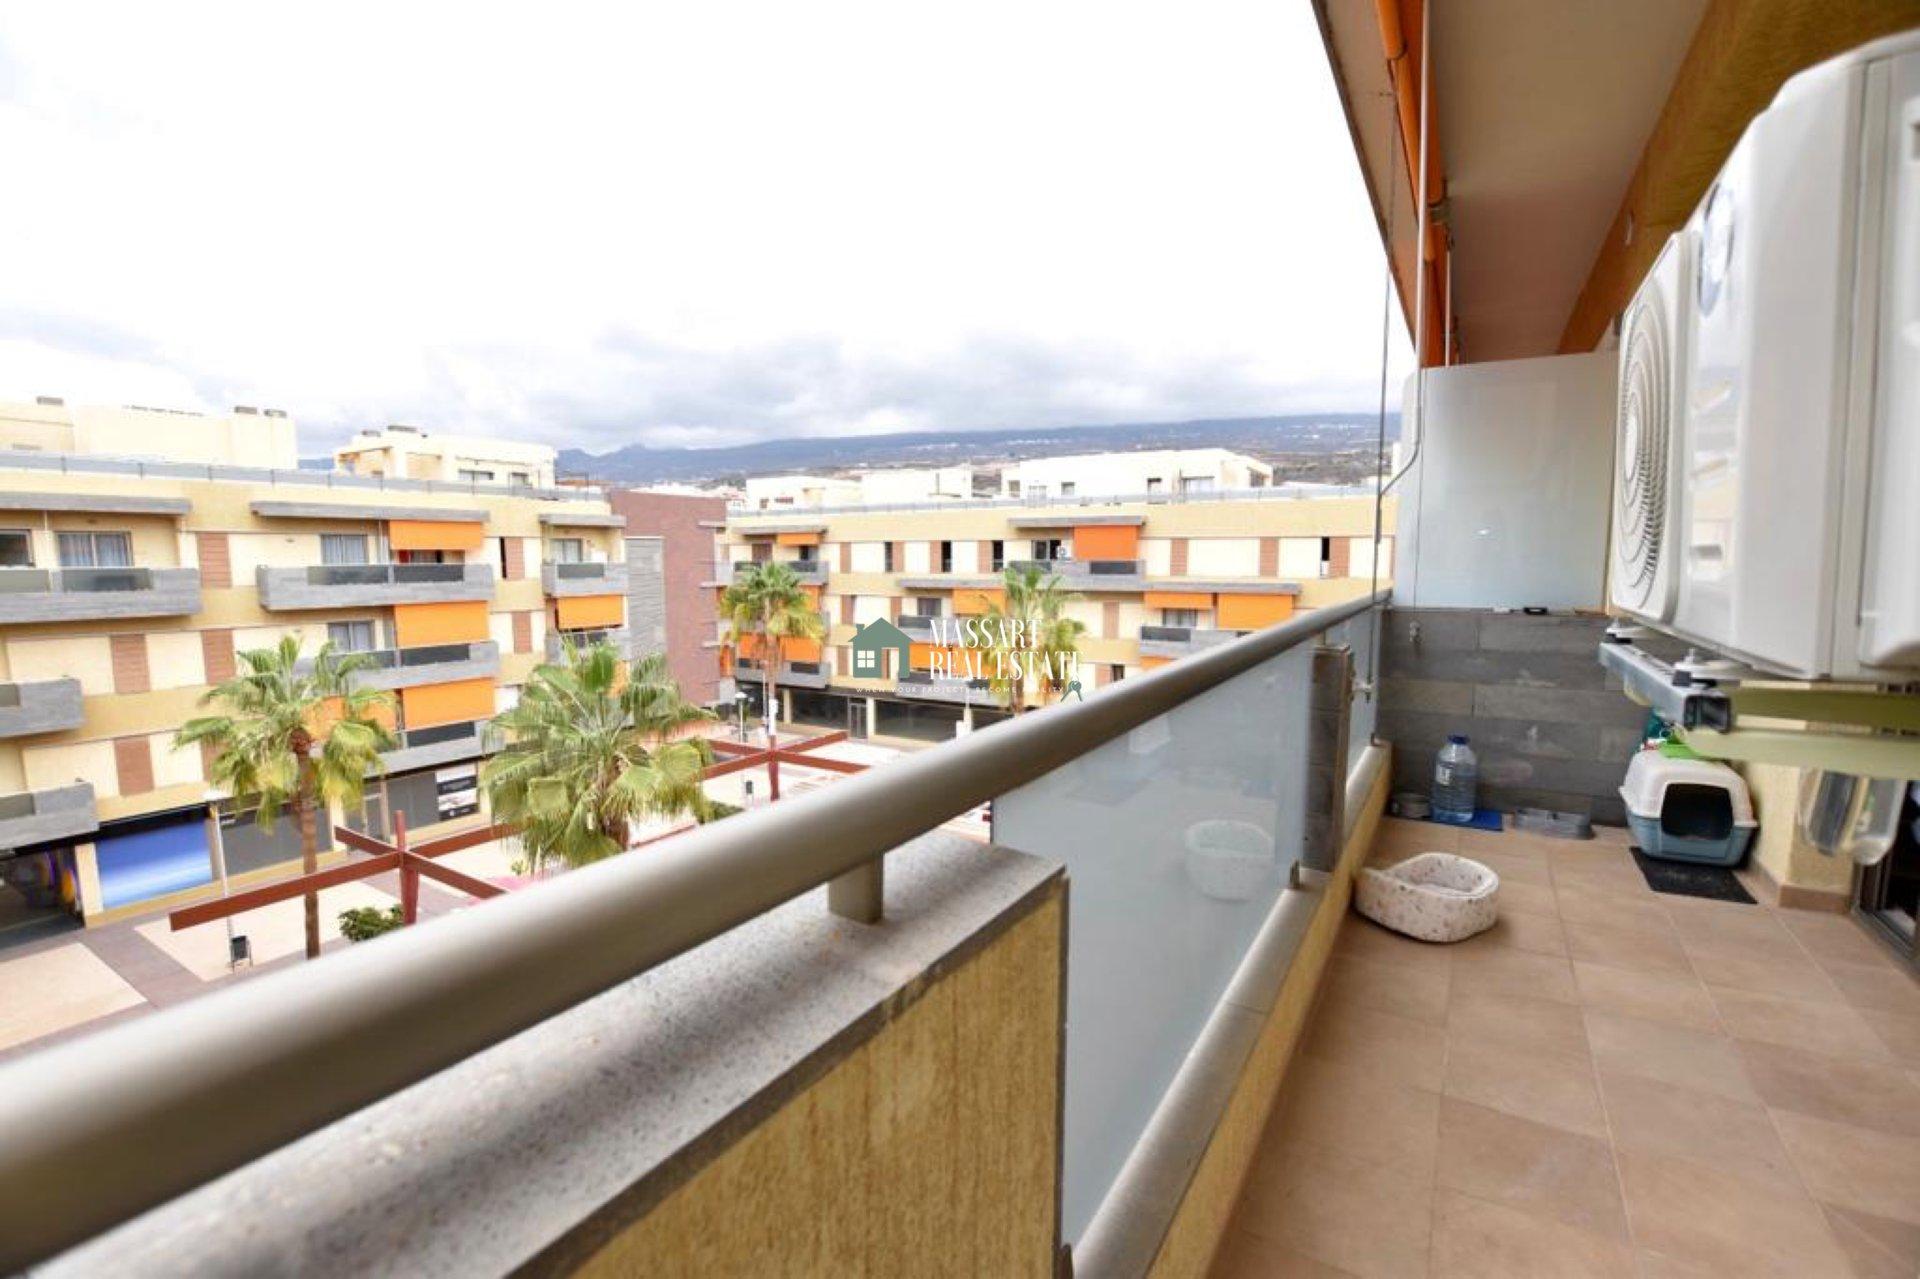 EN VENTA en el precioso pueblo costero de Alcalá, ático dúplex con gran valor por su magnífica terraza.